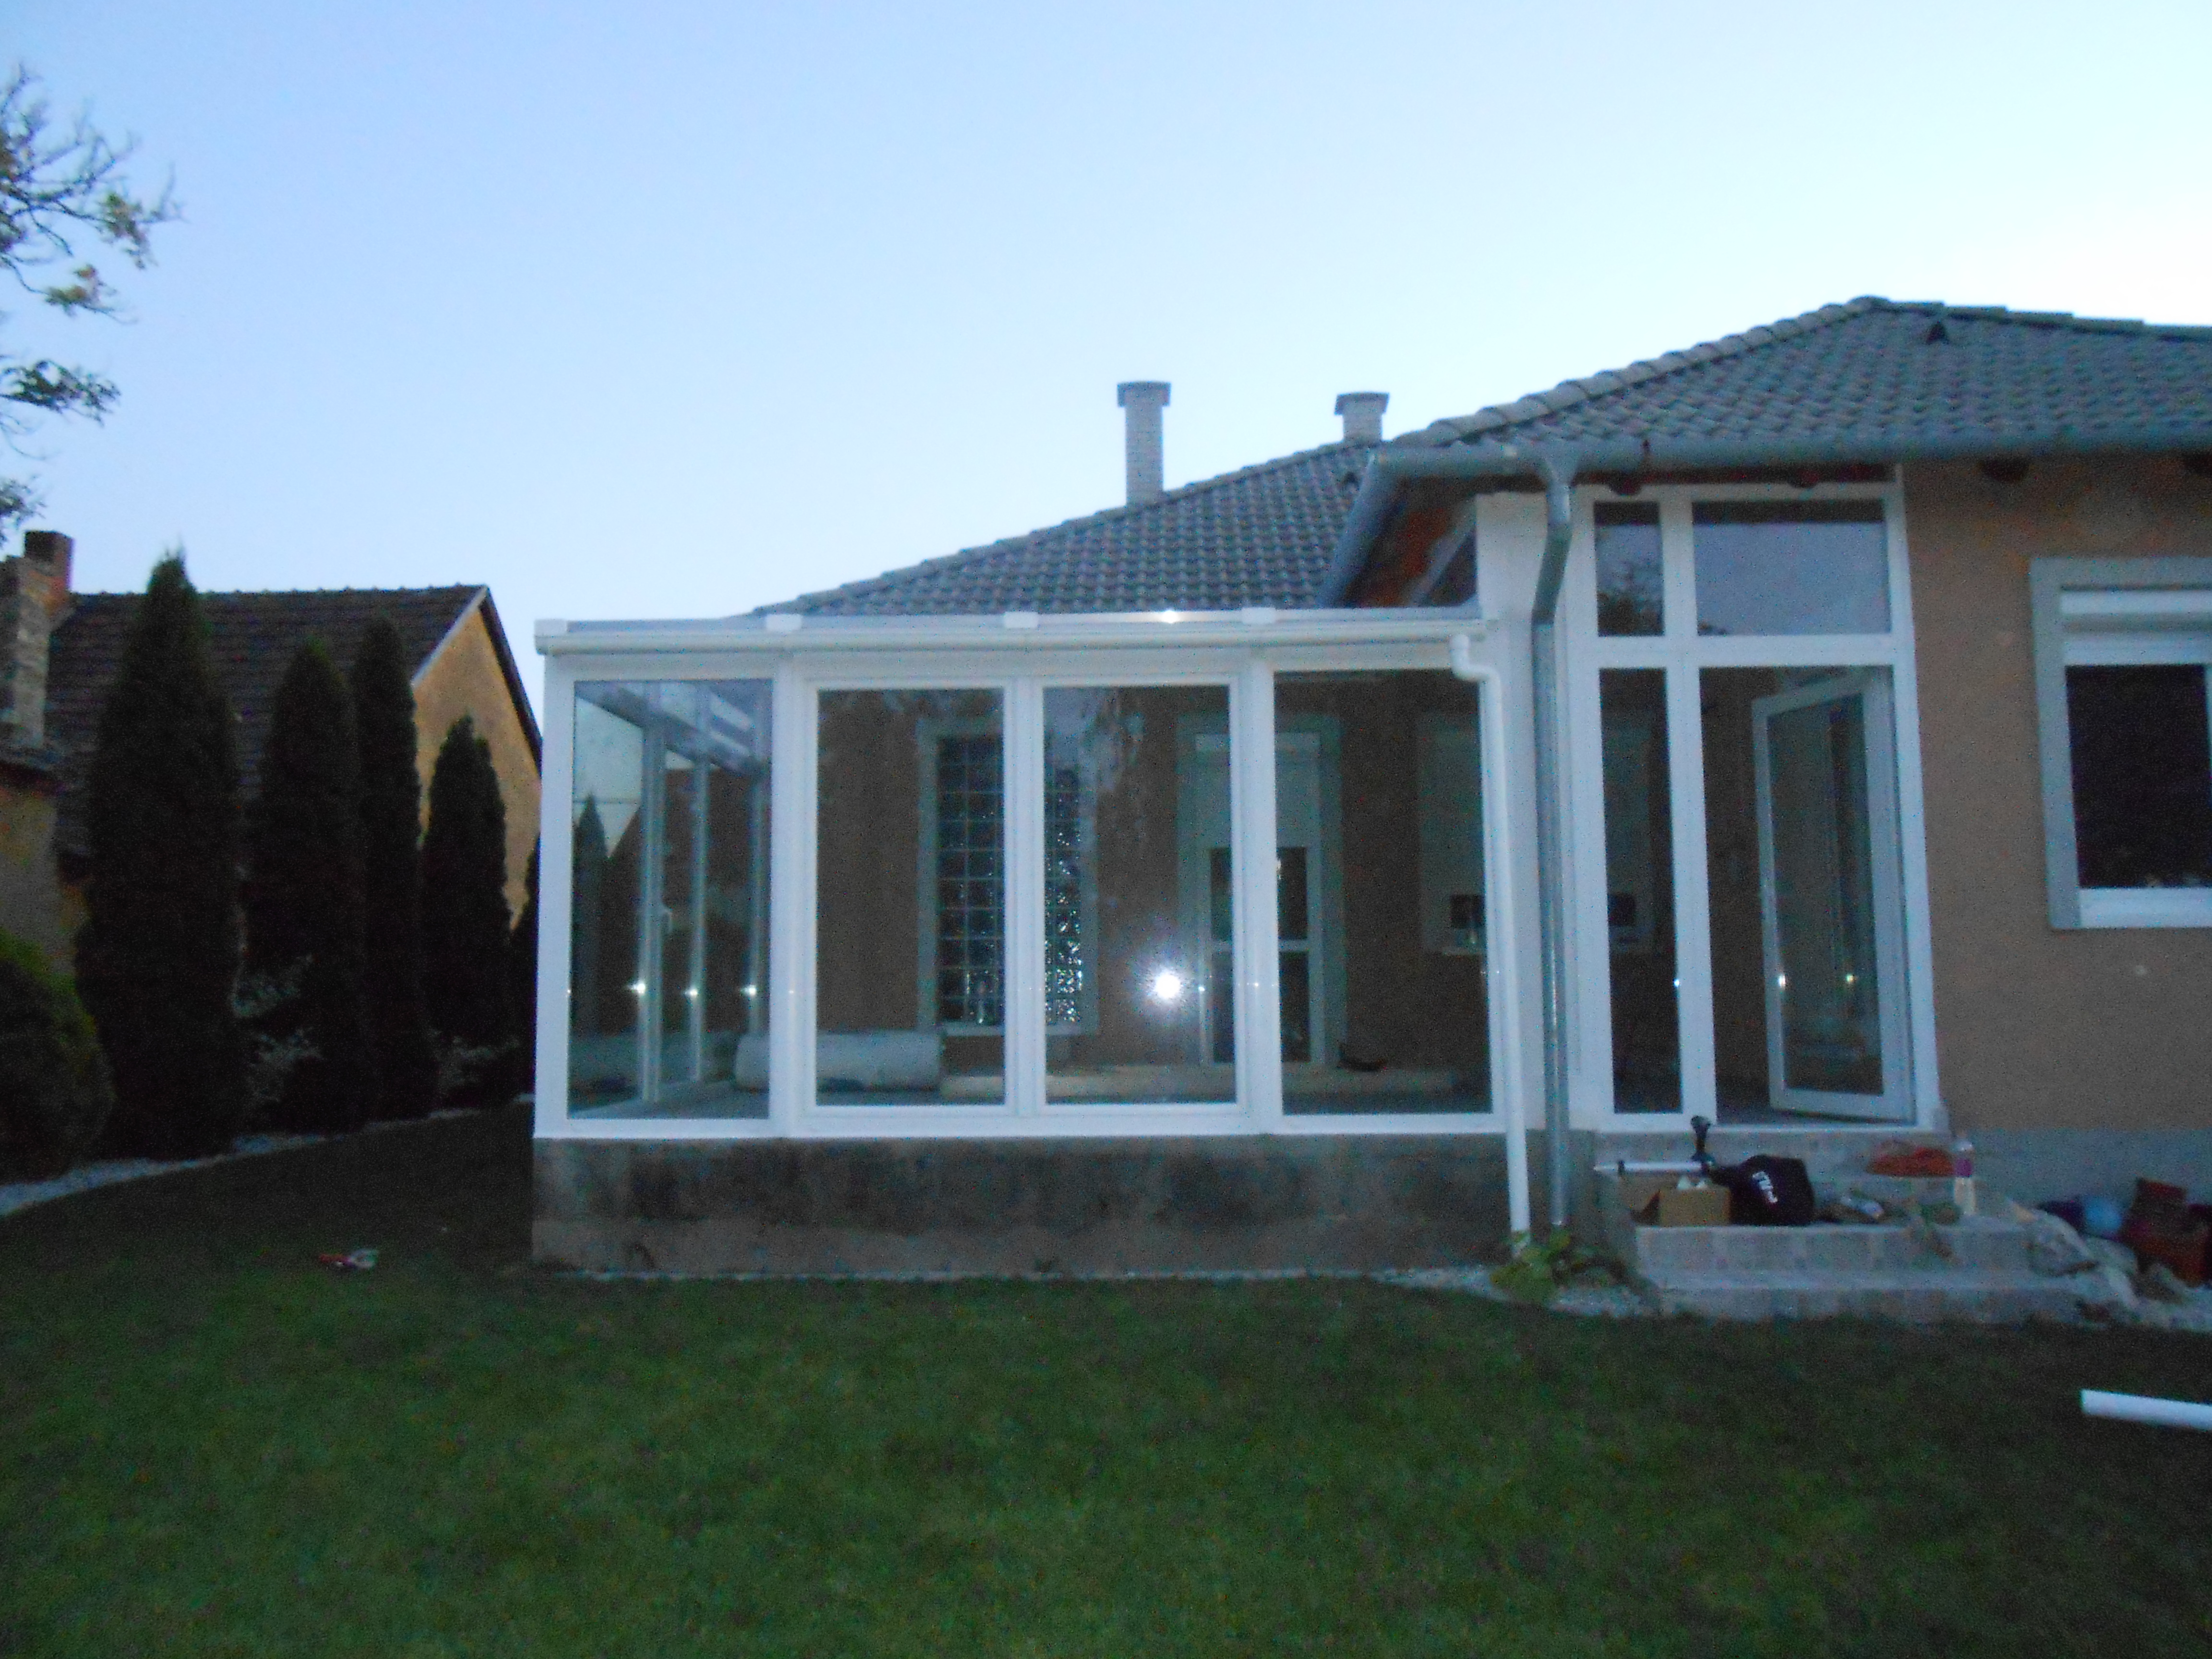 wintergarten komfort und nutzen gleichzeitig. Black Bedroom Furniture Sets. Home Design Ideas